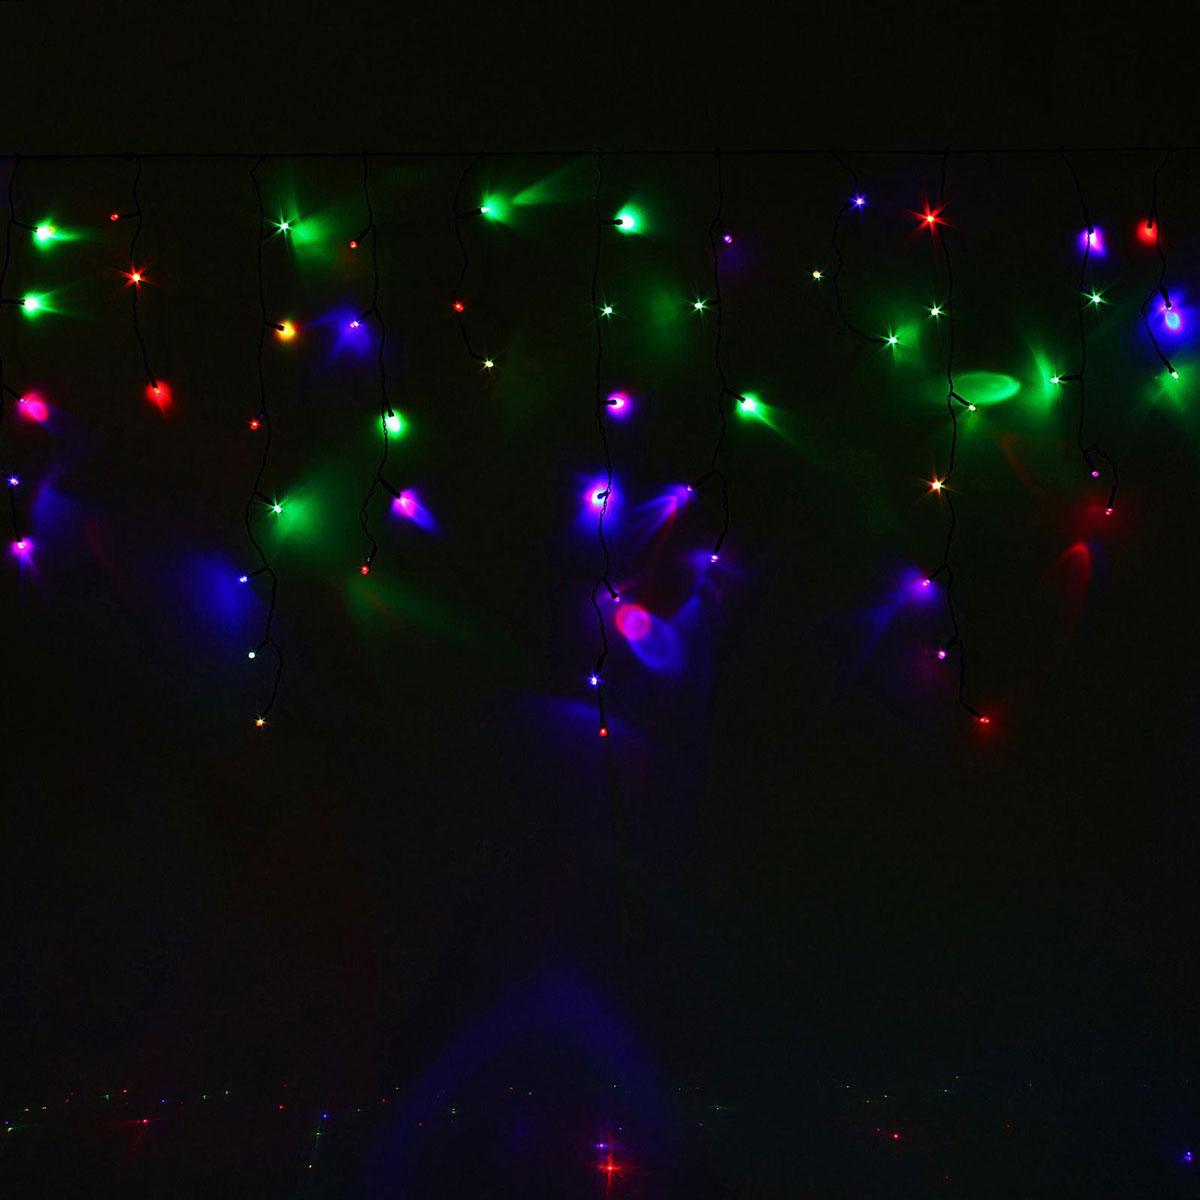 Гирлянда светодиодная Luazon Бахрома, моргает, 120 ламп, 220 V, цвет: мультиколор, 2,4 х 0,6 м. 10804161080416Светодиодные гирлянды, ленты и т.д — это отличный вариант для новогоднего оформления интерьера или фасада. С их помощью помещение любого размера можно превратить в праздничный зал, а внешние элементы зданий, украшенные ими, мгновенно станут напоминать очертания сказочного дворца. Такие украшения создают ауру предвкушения чуда. Деревья, фасады, витрины, окна и арки будто специально созданы, чтобы вы украсили их светящимися нитями.